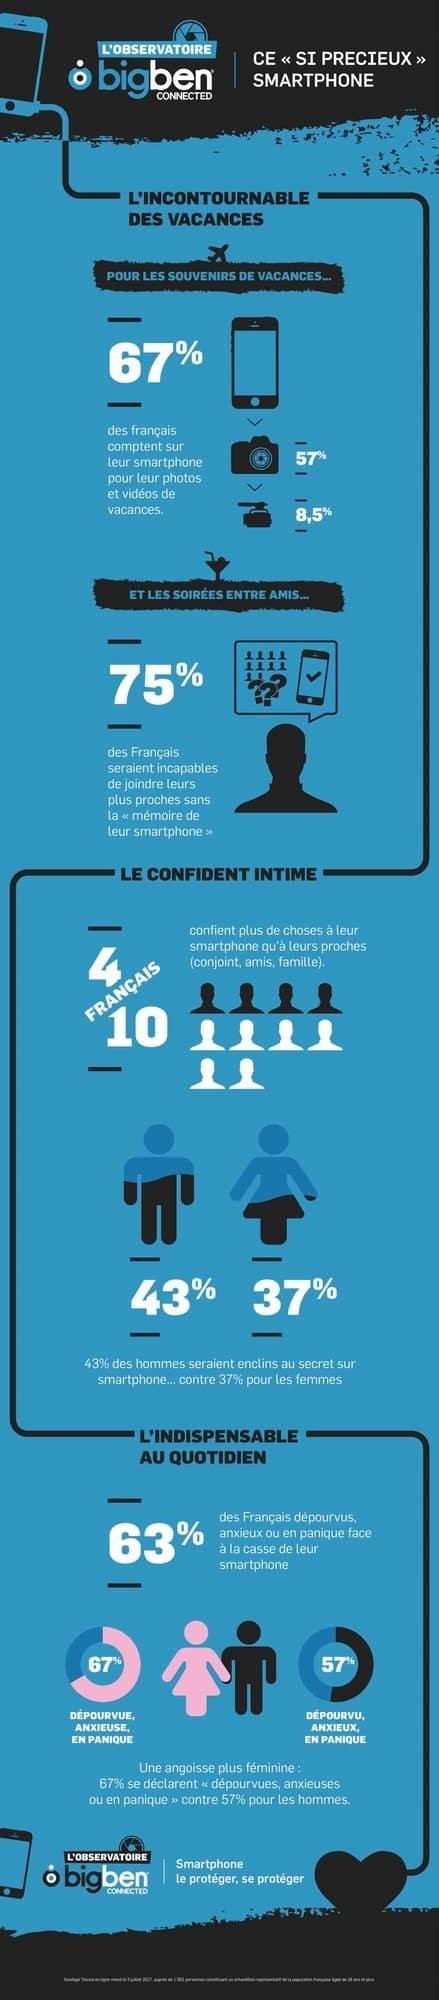 infographie utilisation du smartphone Bigben Connectid